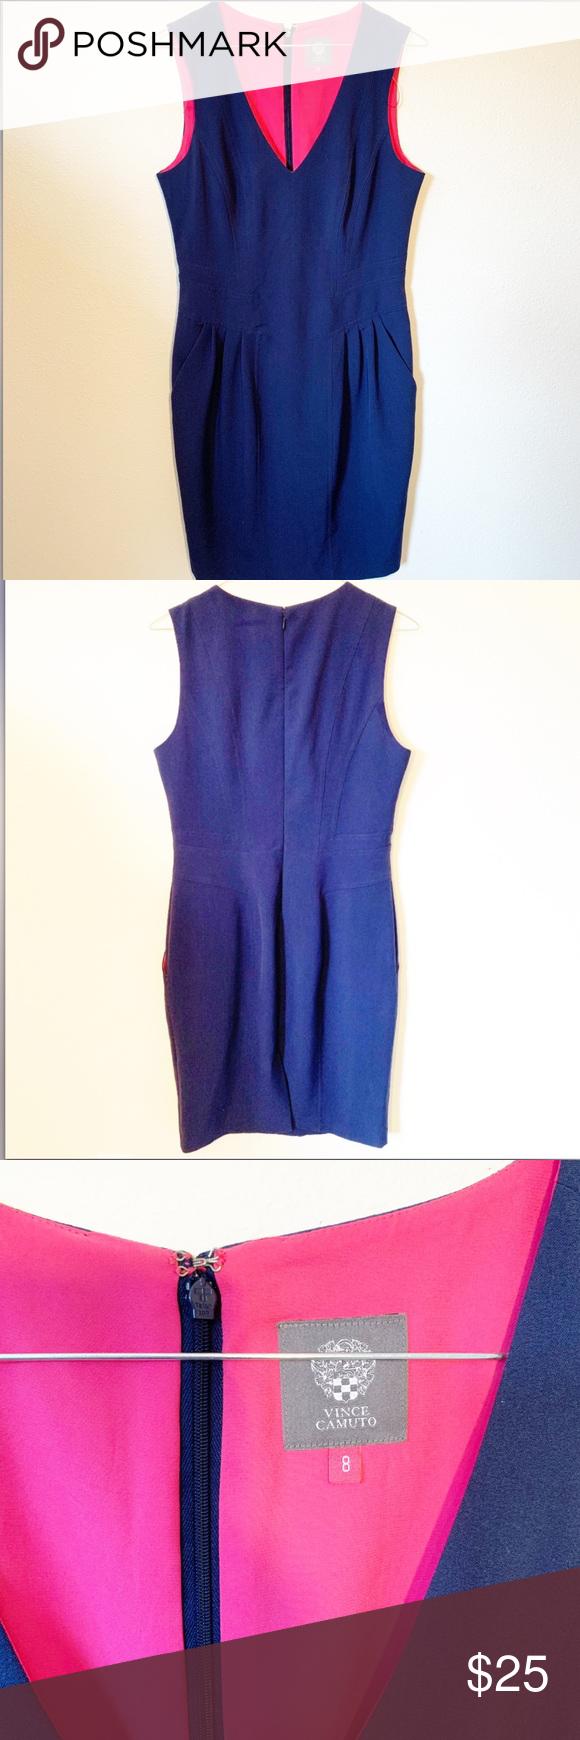 Vince Camuto Navy Blue Dress Clothes Design Fashion Navy Blue Dresses [ 1740 x 580 Pixel ]